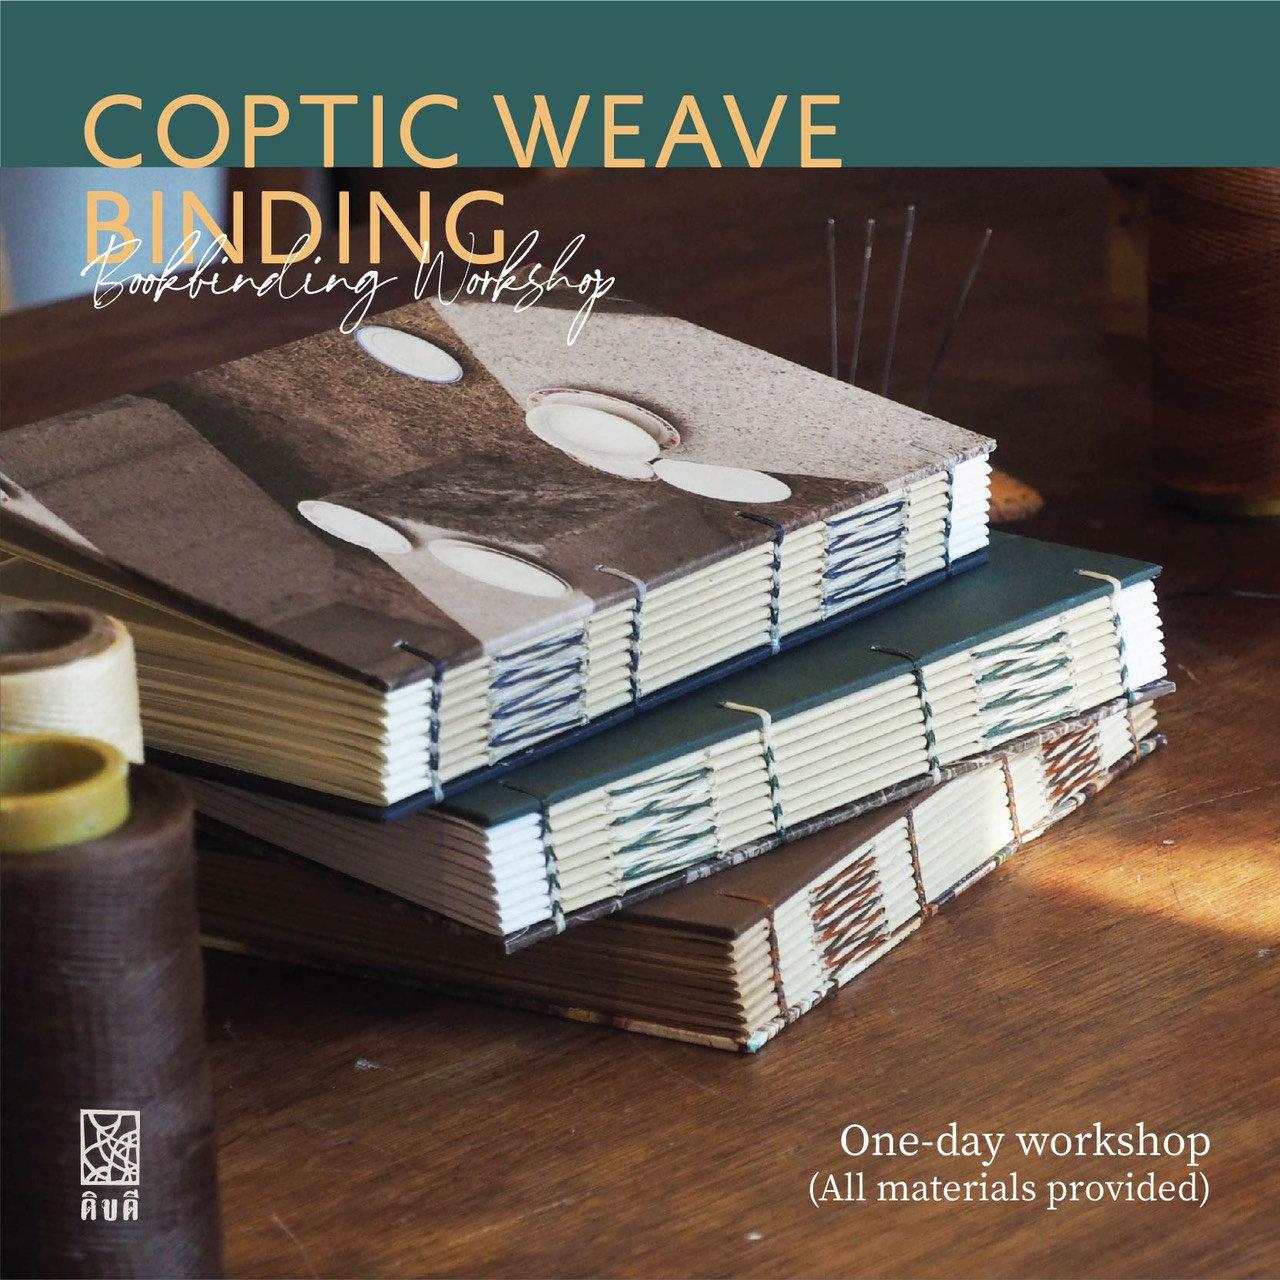 Coptic Weave Binding